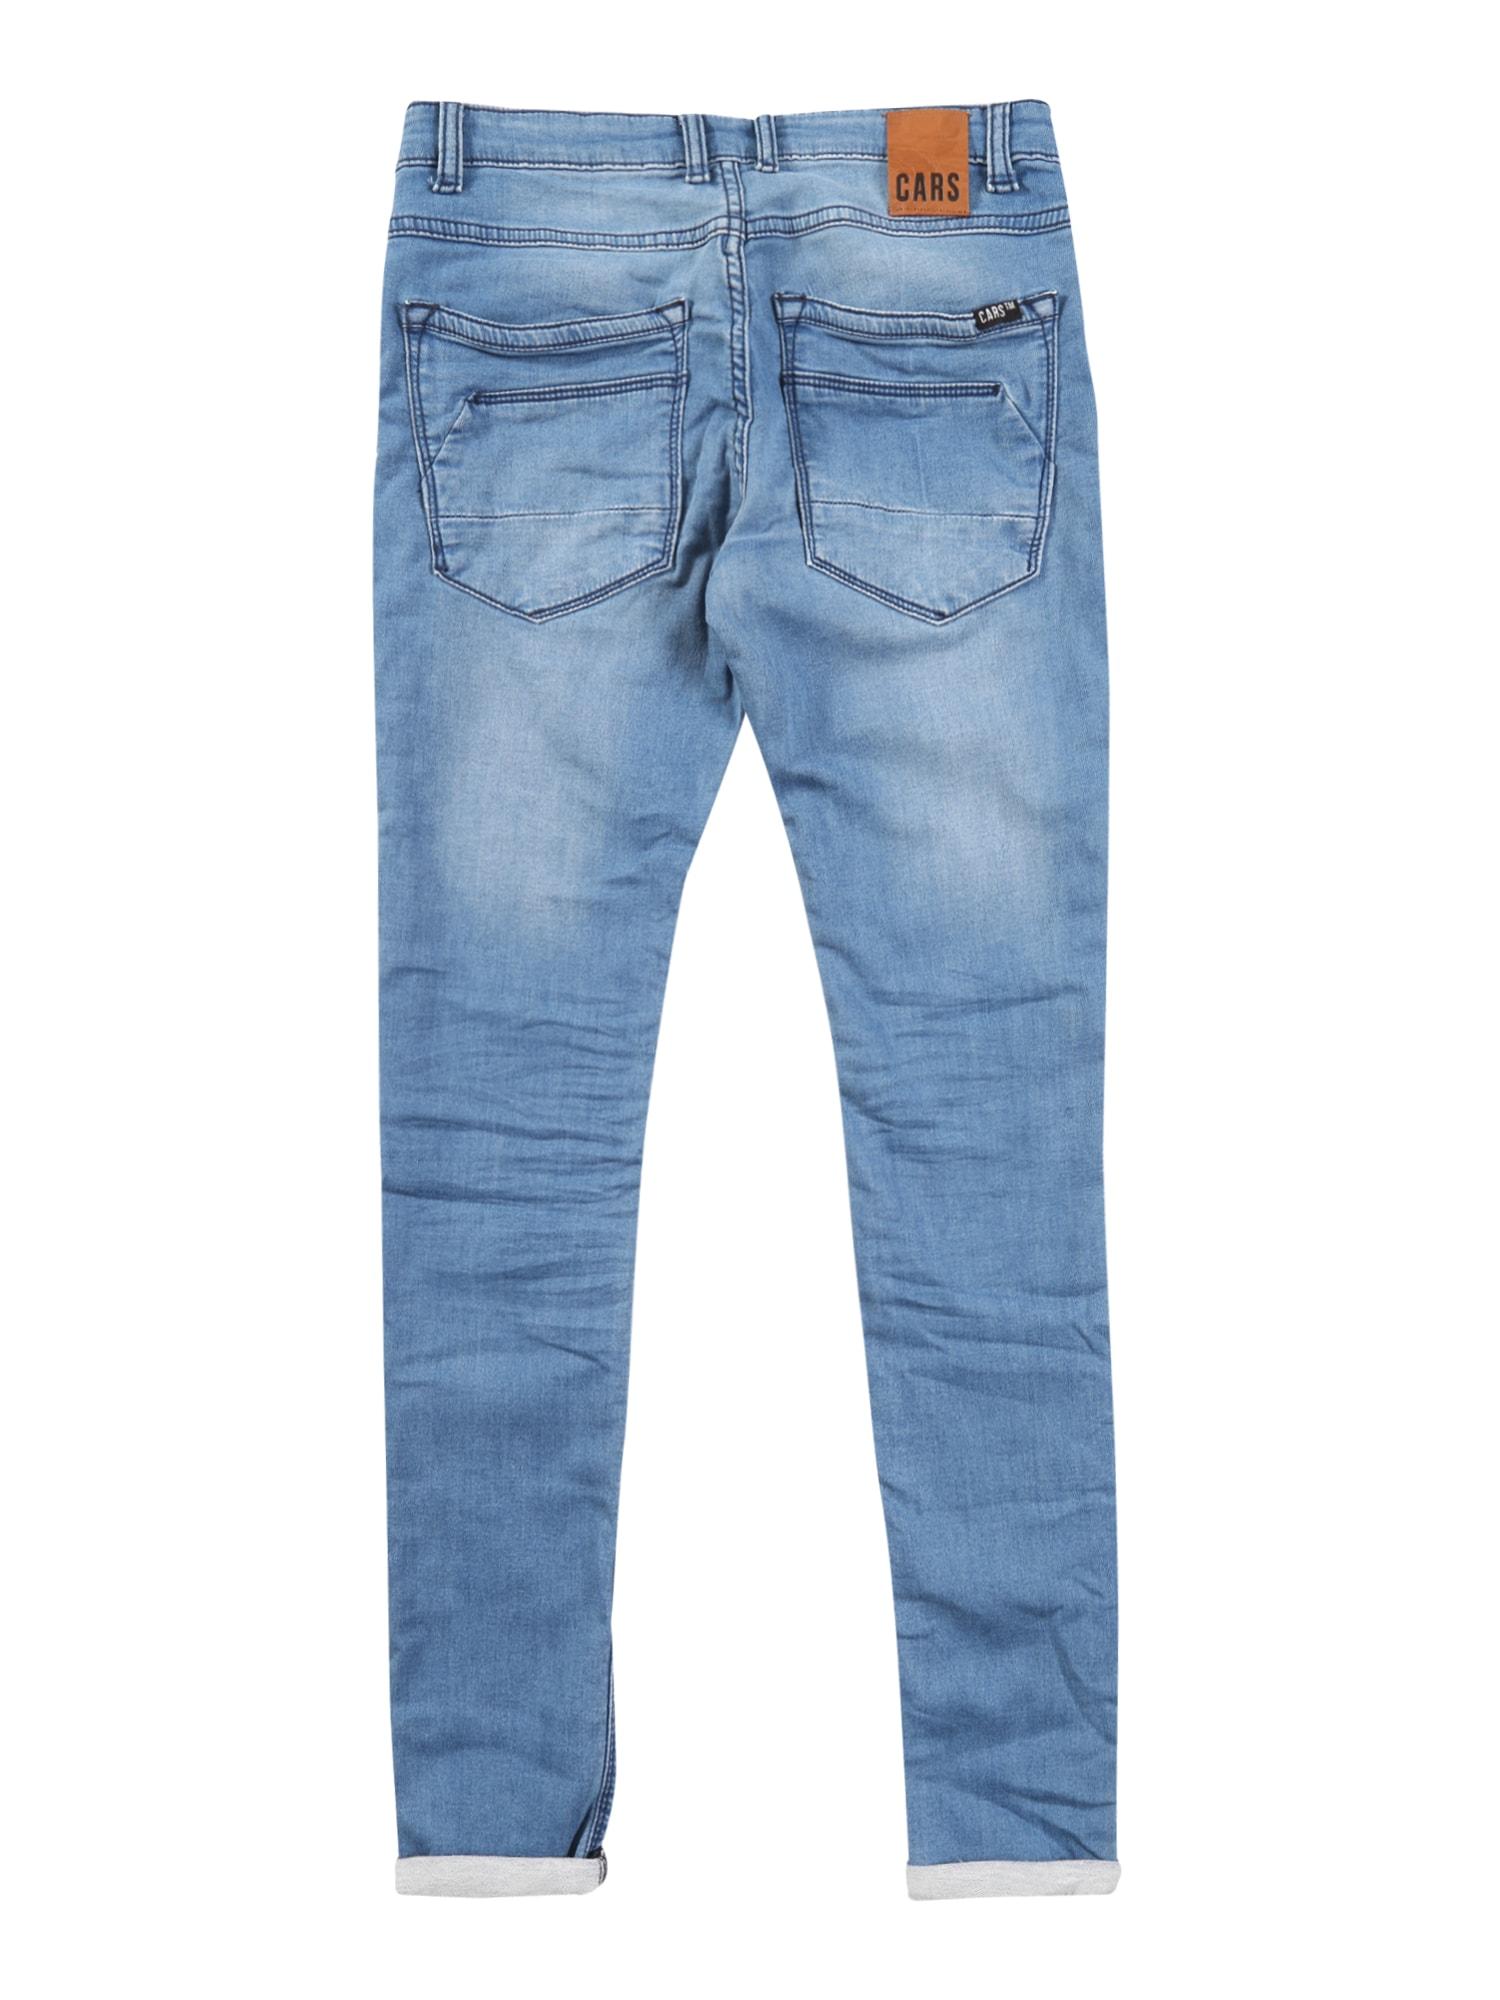 Cars Jeans Jeans 'ABURGO'  blå denim